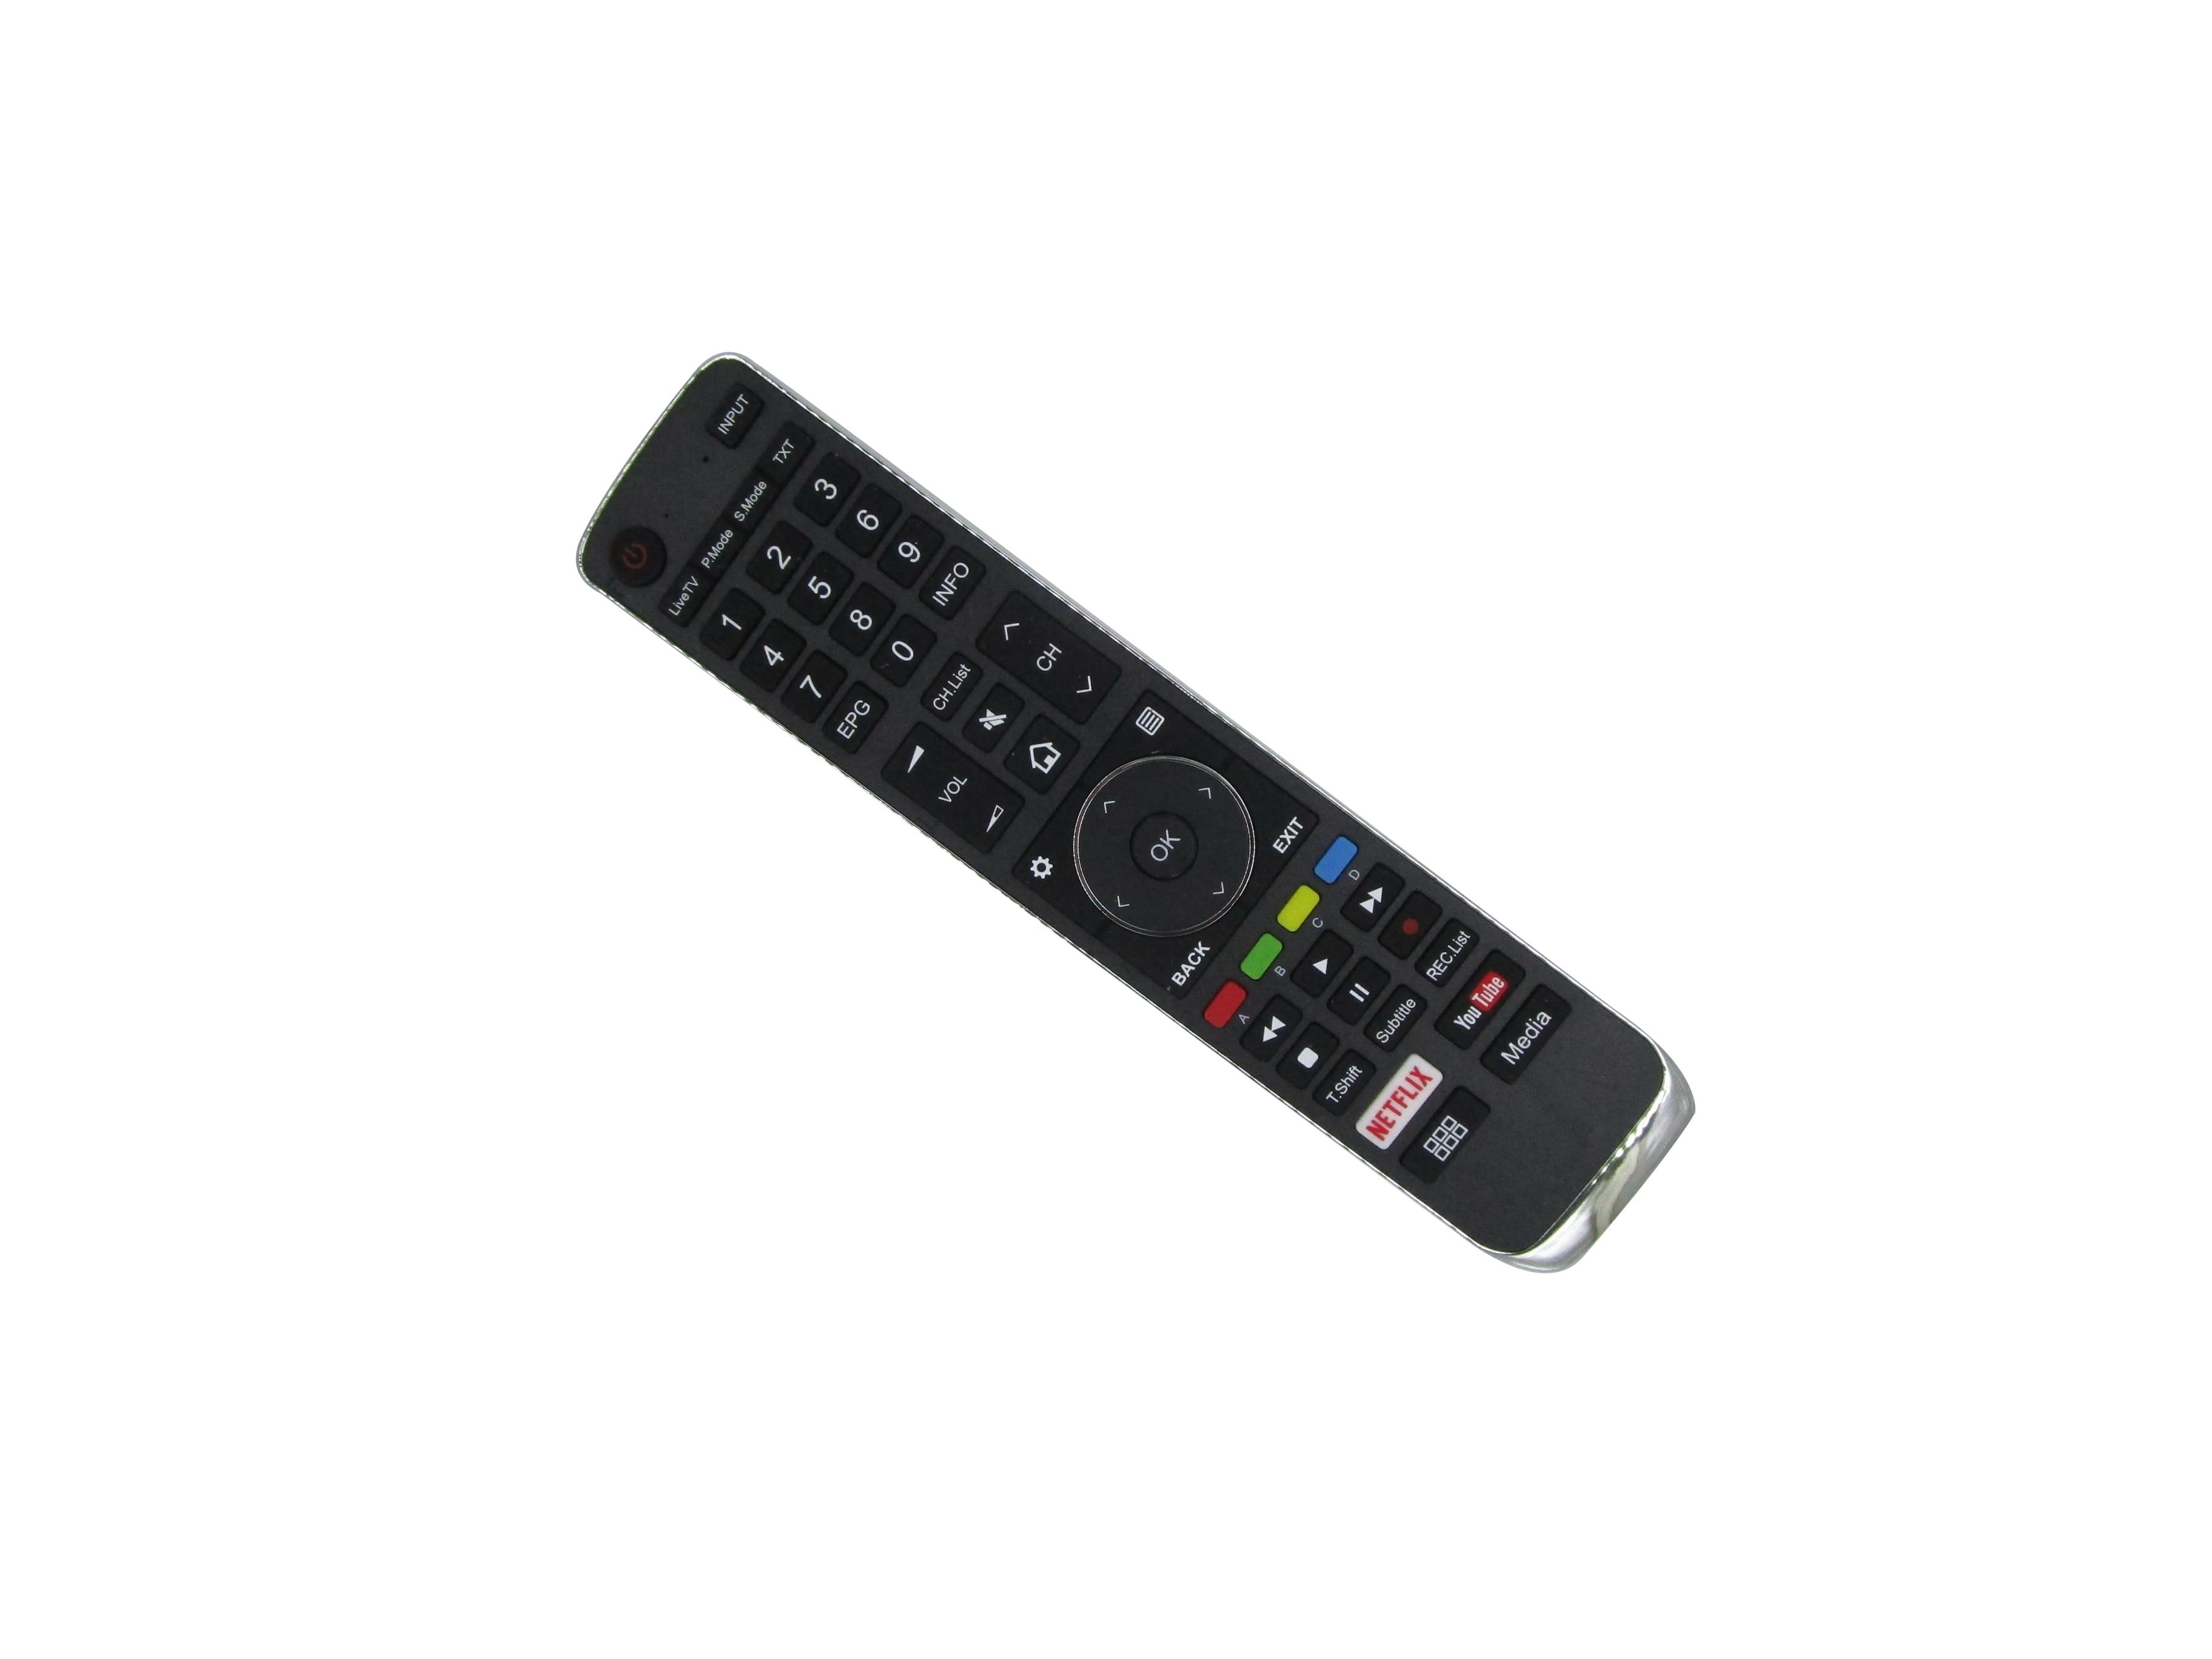 Control remoto para Hisense EN3C39 EN3N39H 75R6 43R6 50R6 55R6 65R6 49R4...